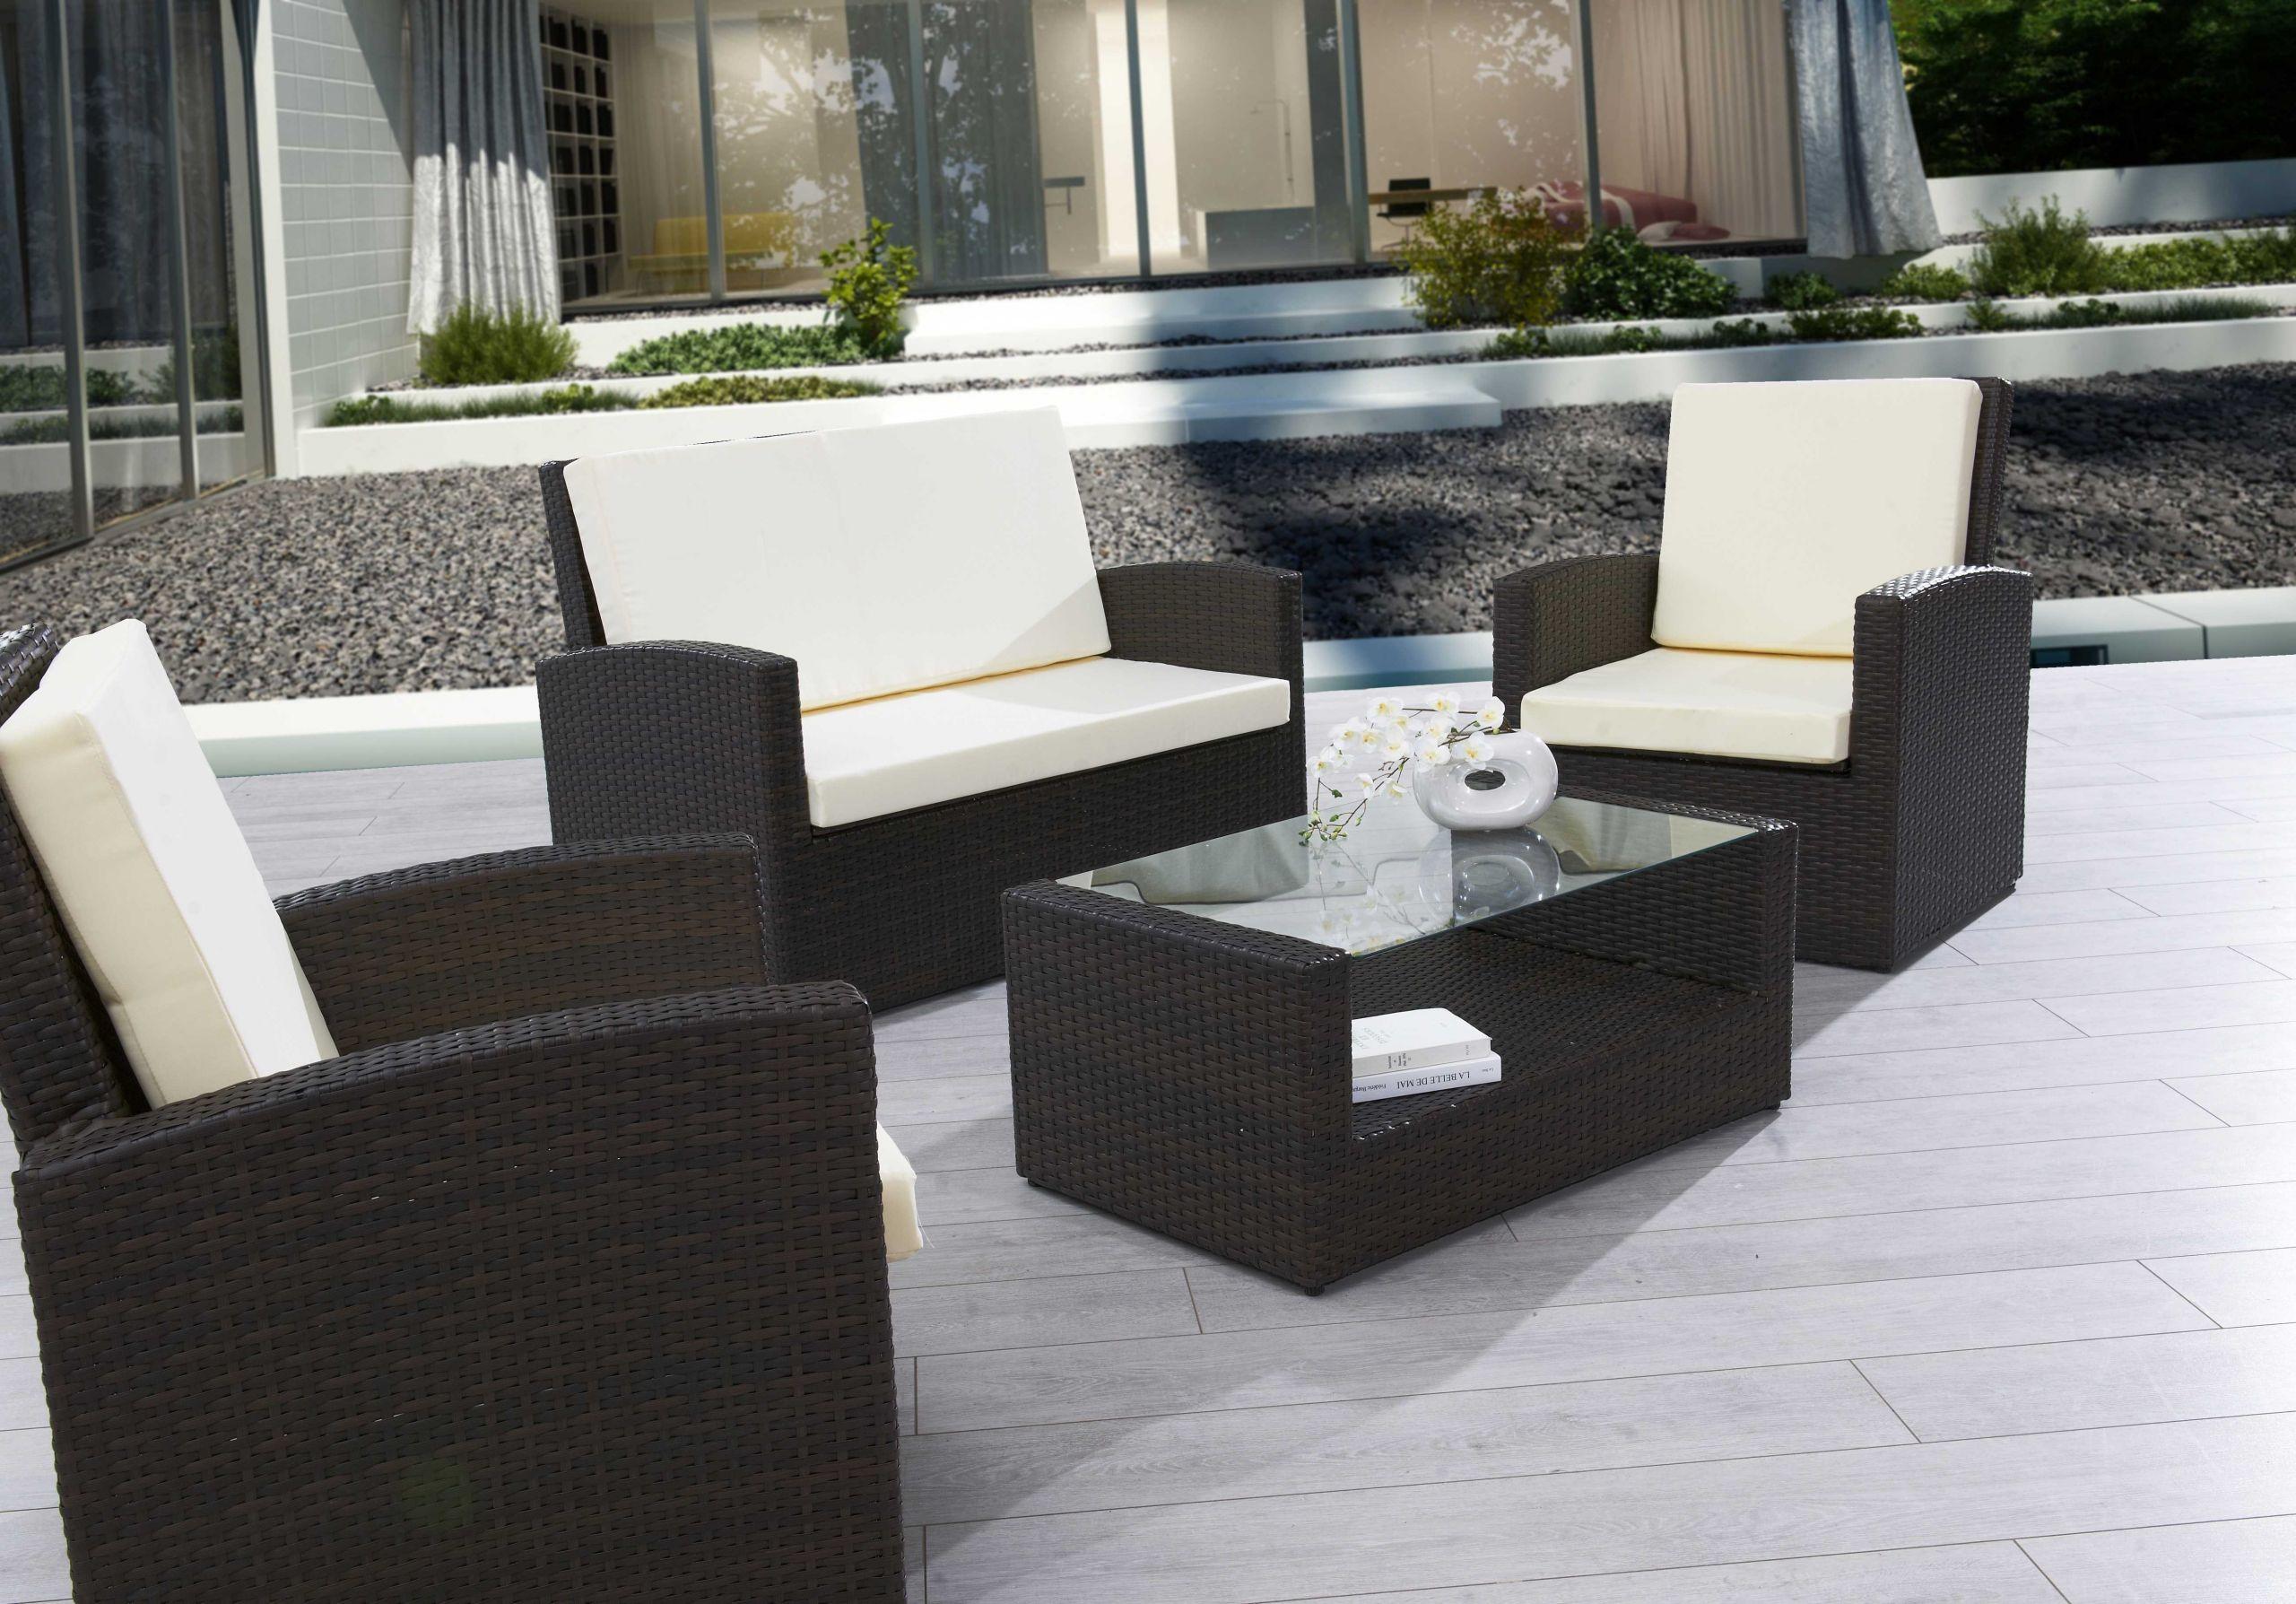 Salon Jardin Balcon Beau Table Et Chaise Pour Terrasse Pas Cher